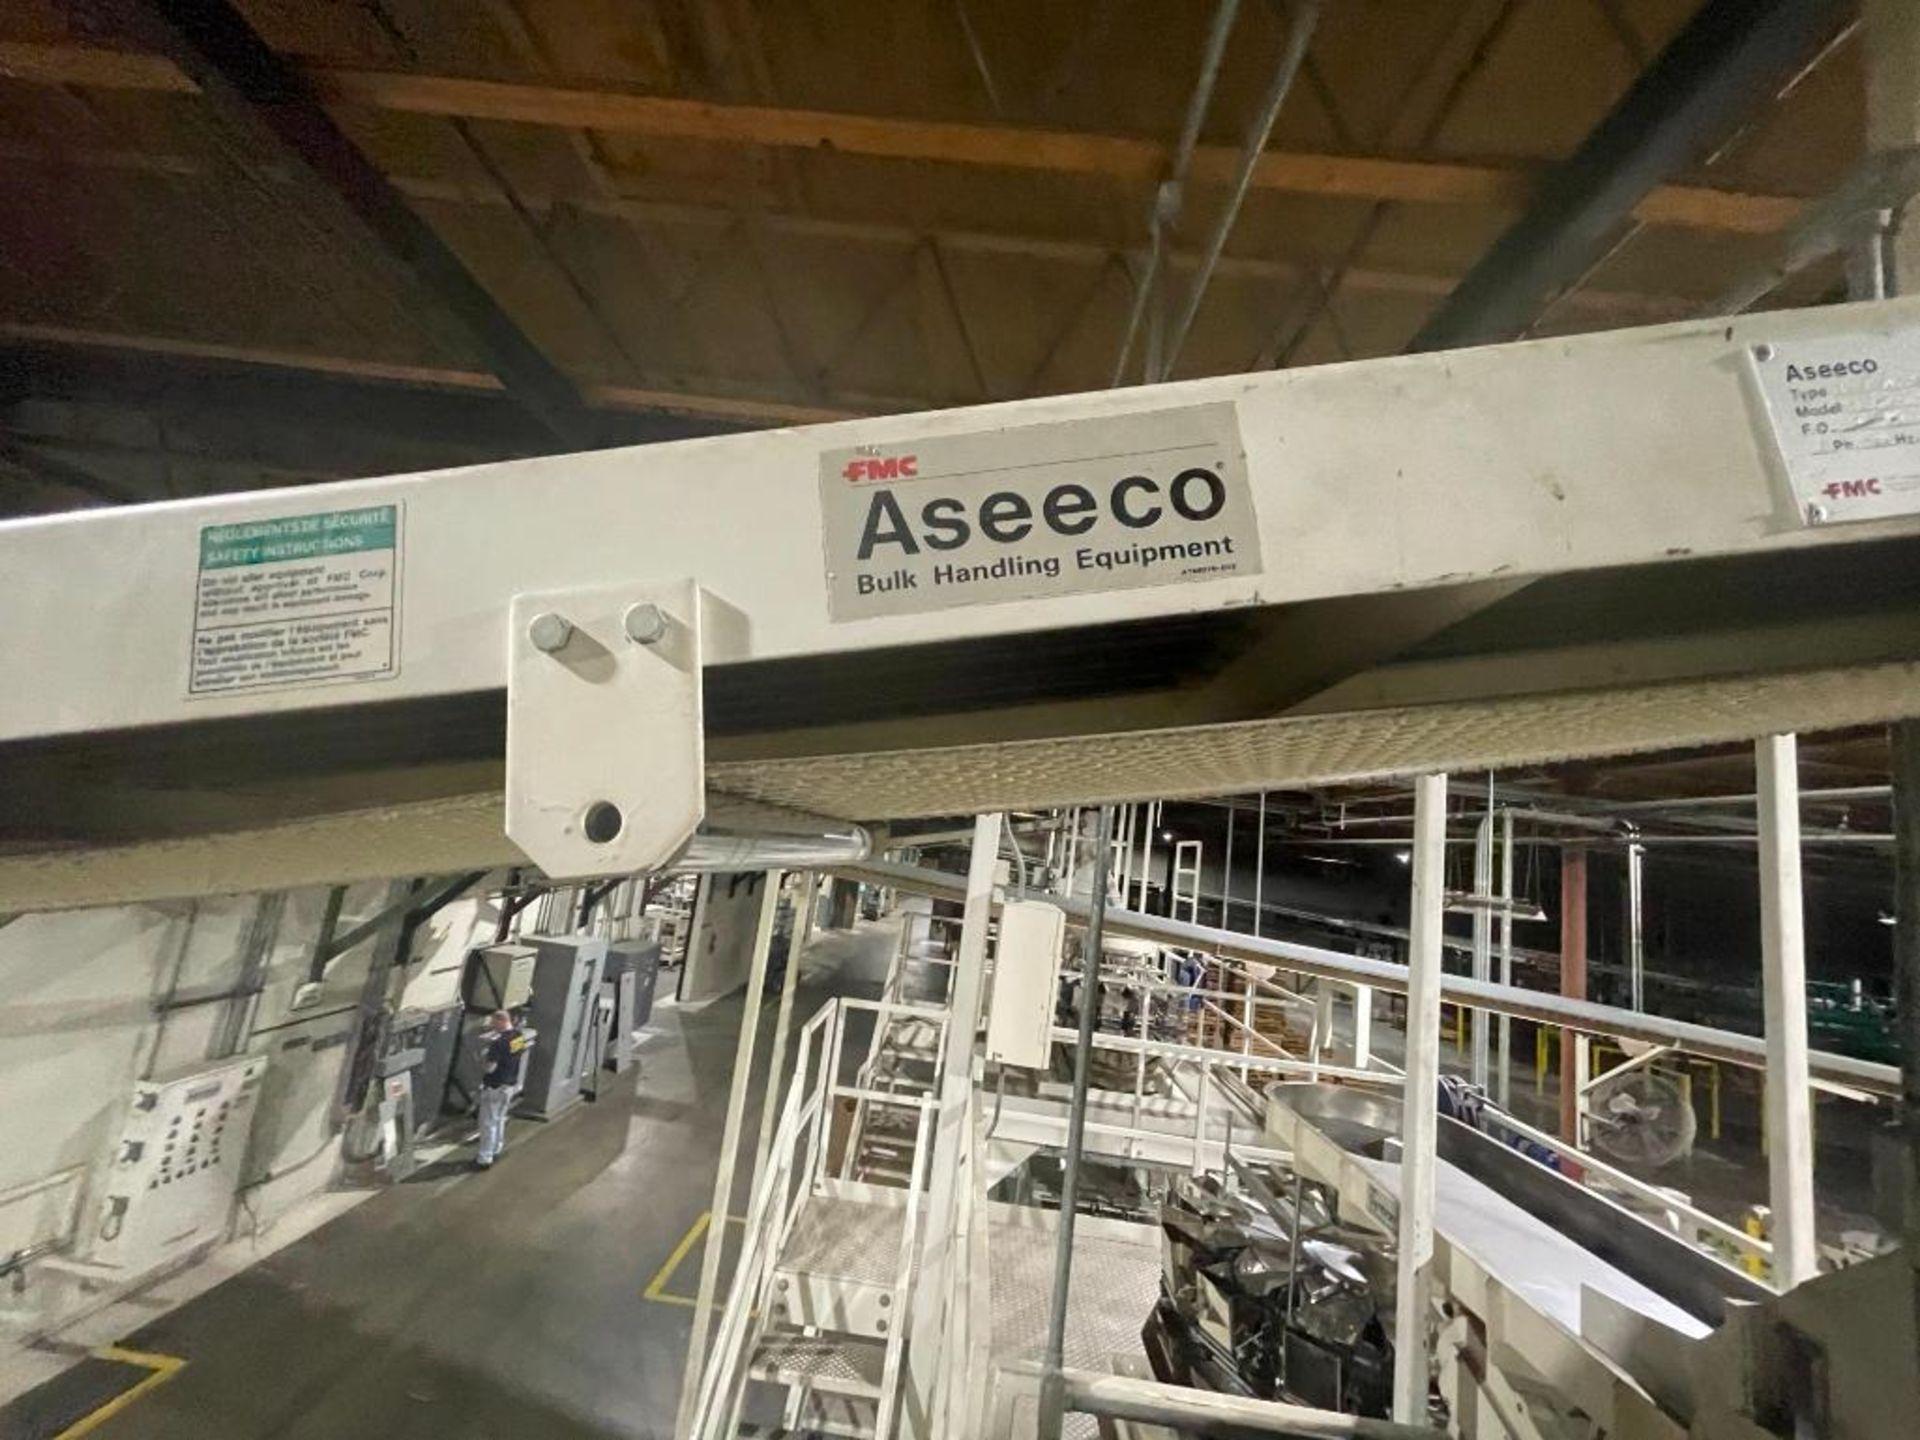 mild steel overhead belt conveyor - Image 7 of 12